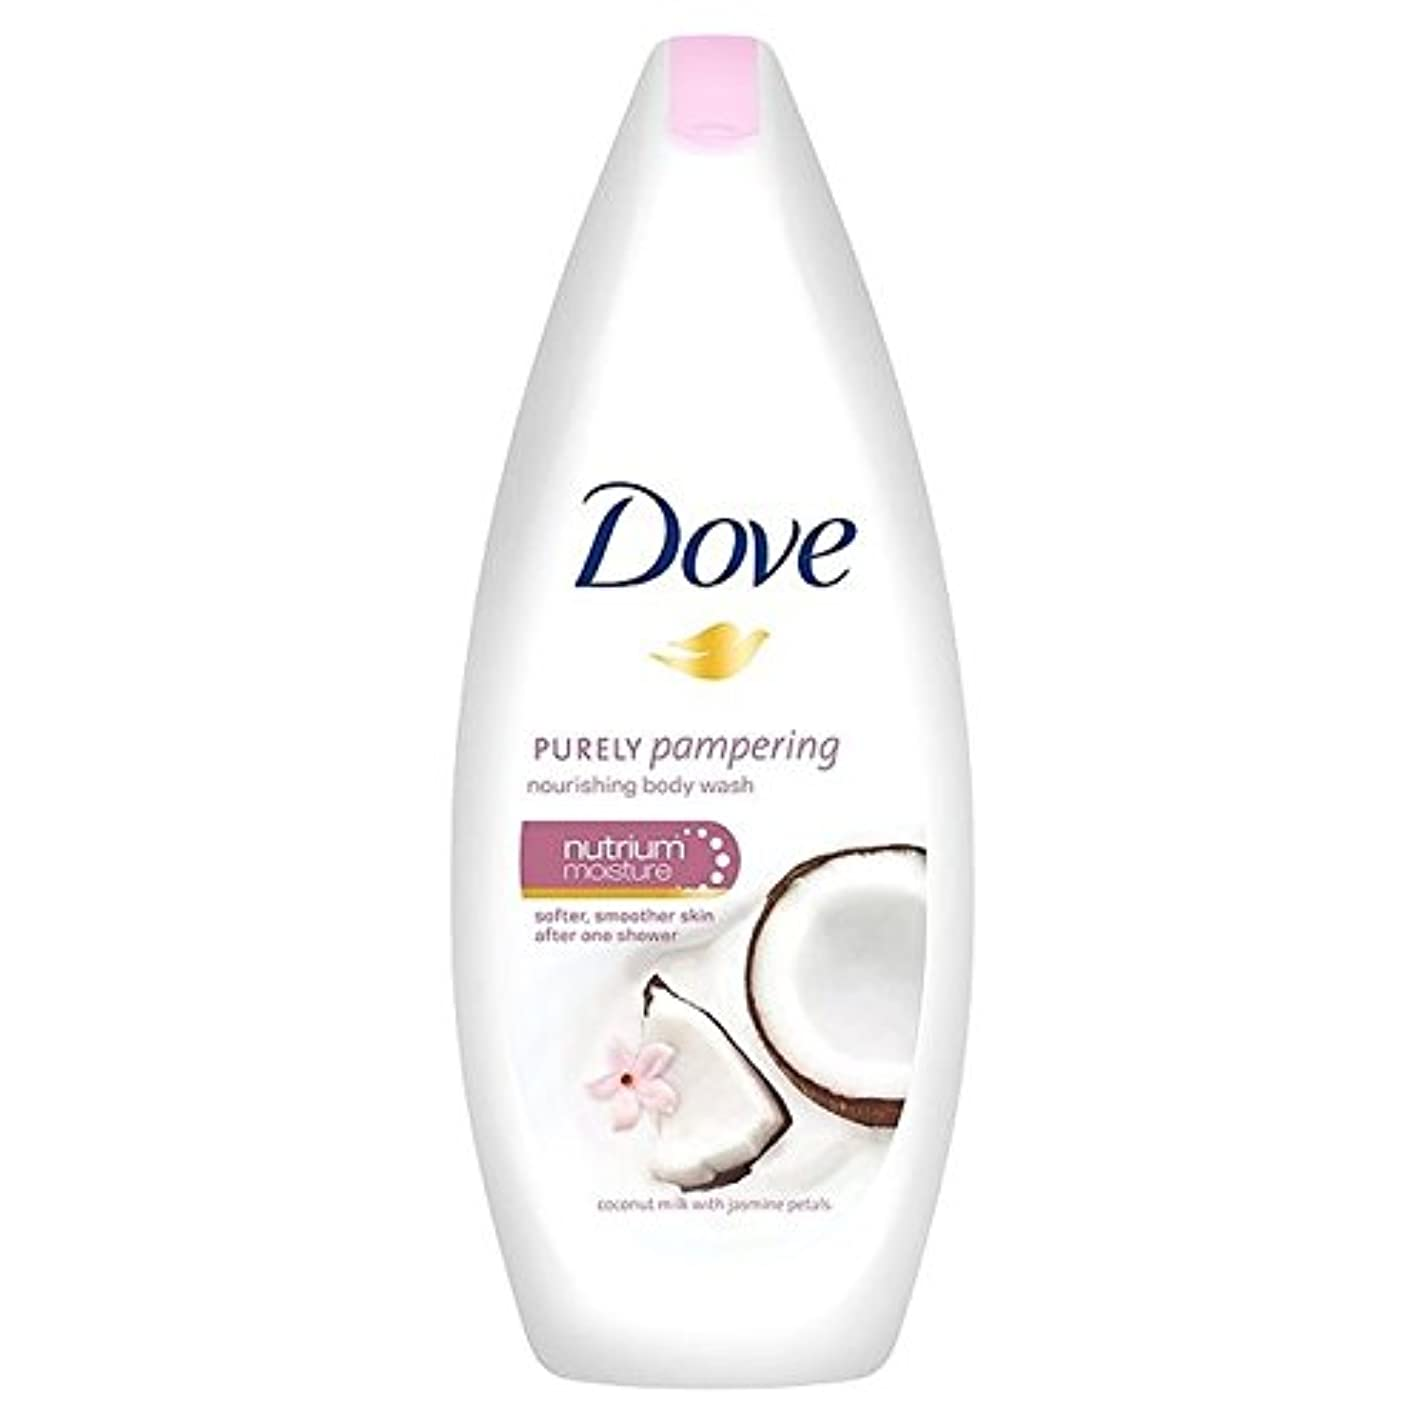 セブン実質的盲信Dove Purely Pampering Coconut Body Wash 250ml (Pack of 6) - 鳩純粋に甘やかすココナッツボディウォッシュ250ミリリットル x6 [並行輸入品]